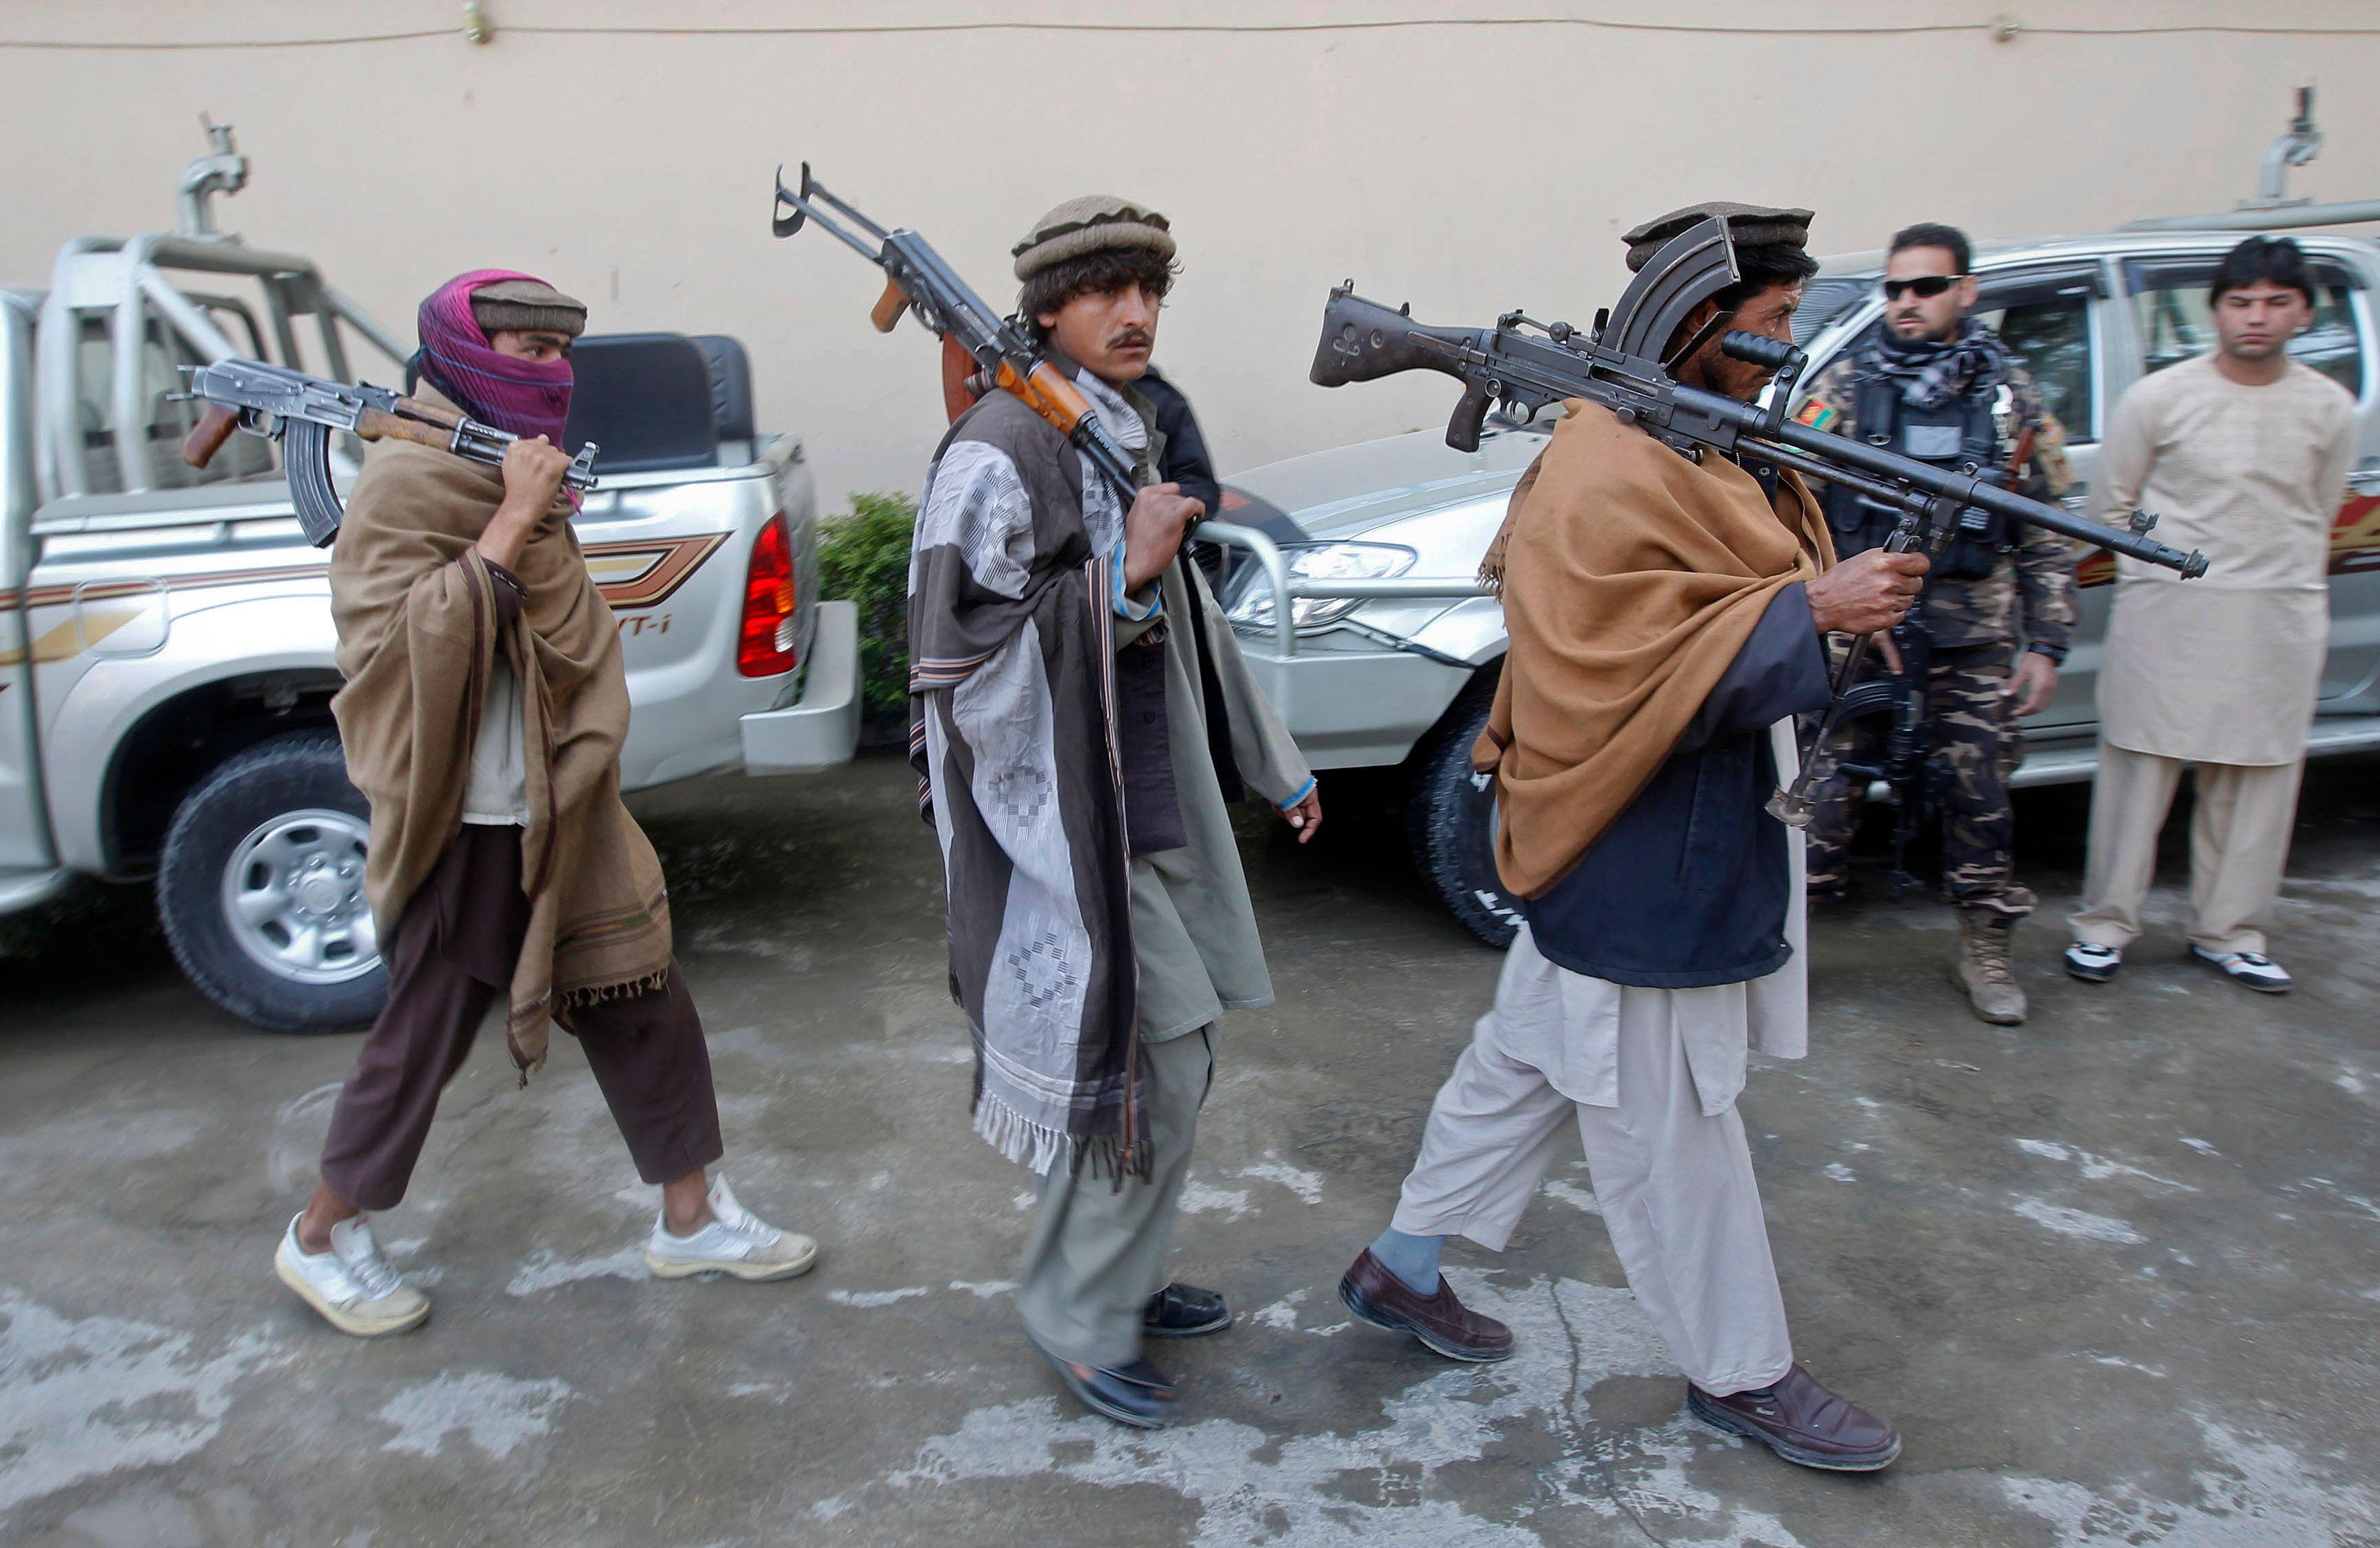 La question du combat à long terme contre le fondamentalisme musulman se pose dans les démocraties occidentales.